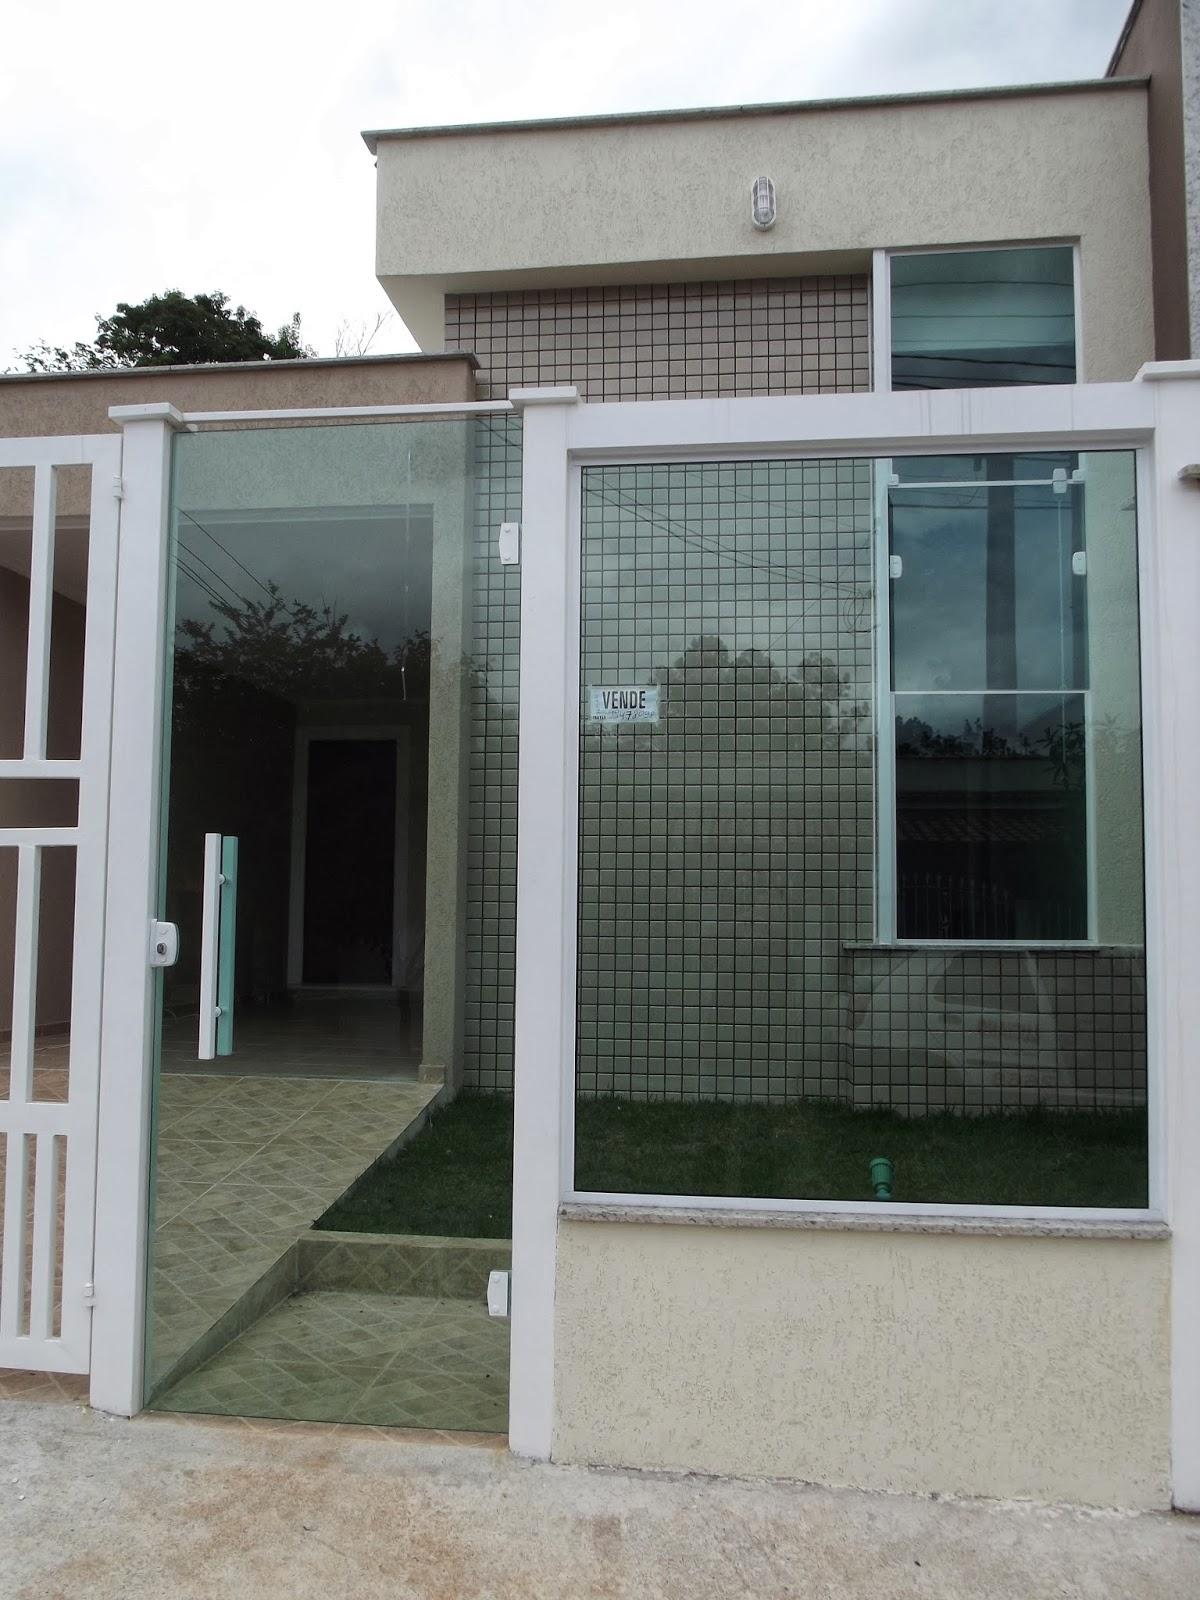 Imagens de #4B6164 Com com 3 dormitórios 2 banheiros sala cozinha toda de  1200x1600 px 3520 Blindex Banheiro Valor